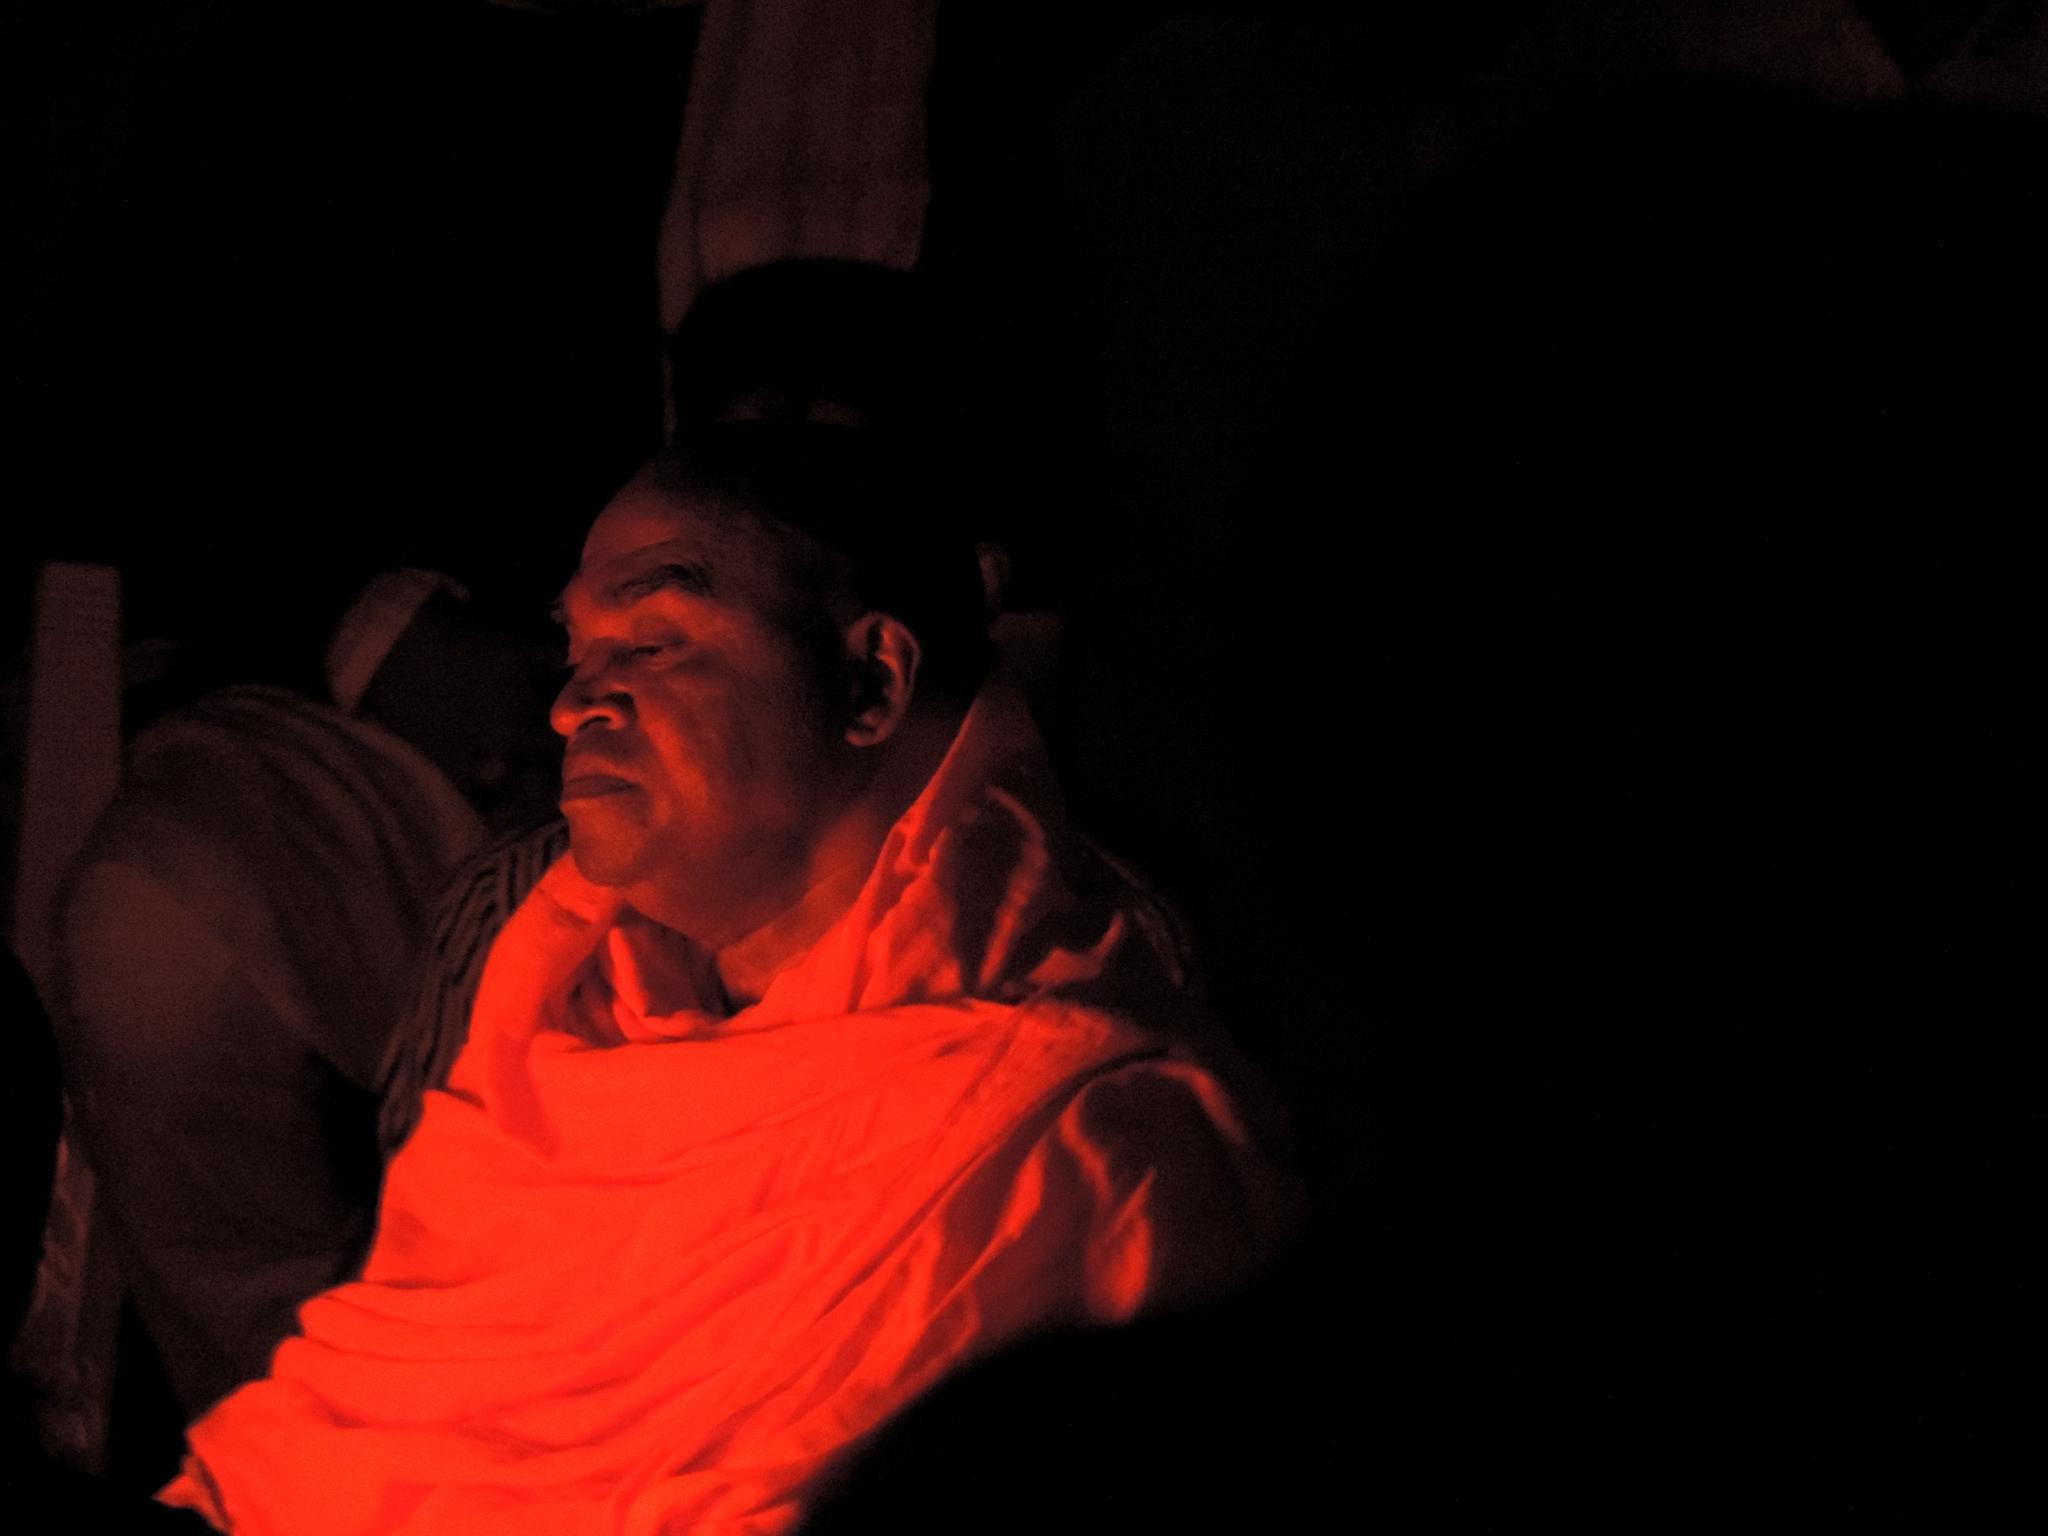 a sadhu 2 by sunishchalananda